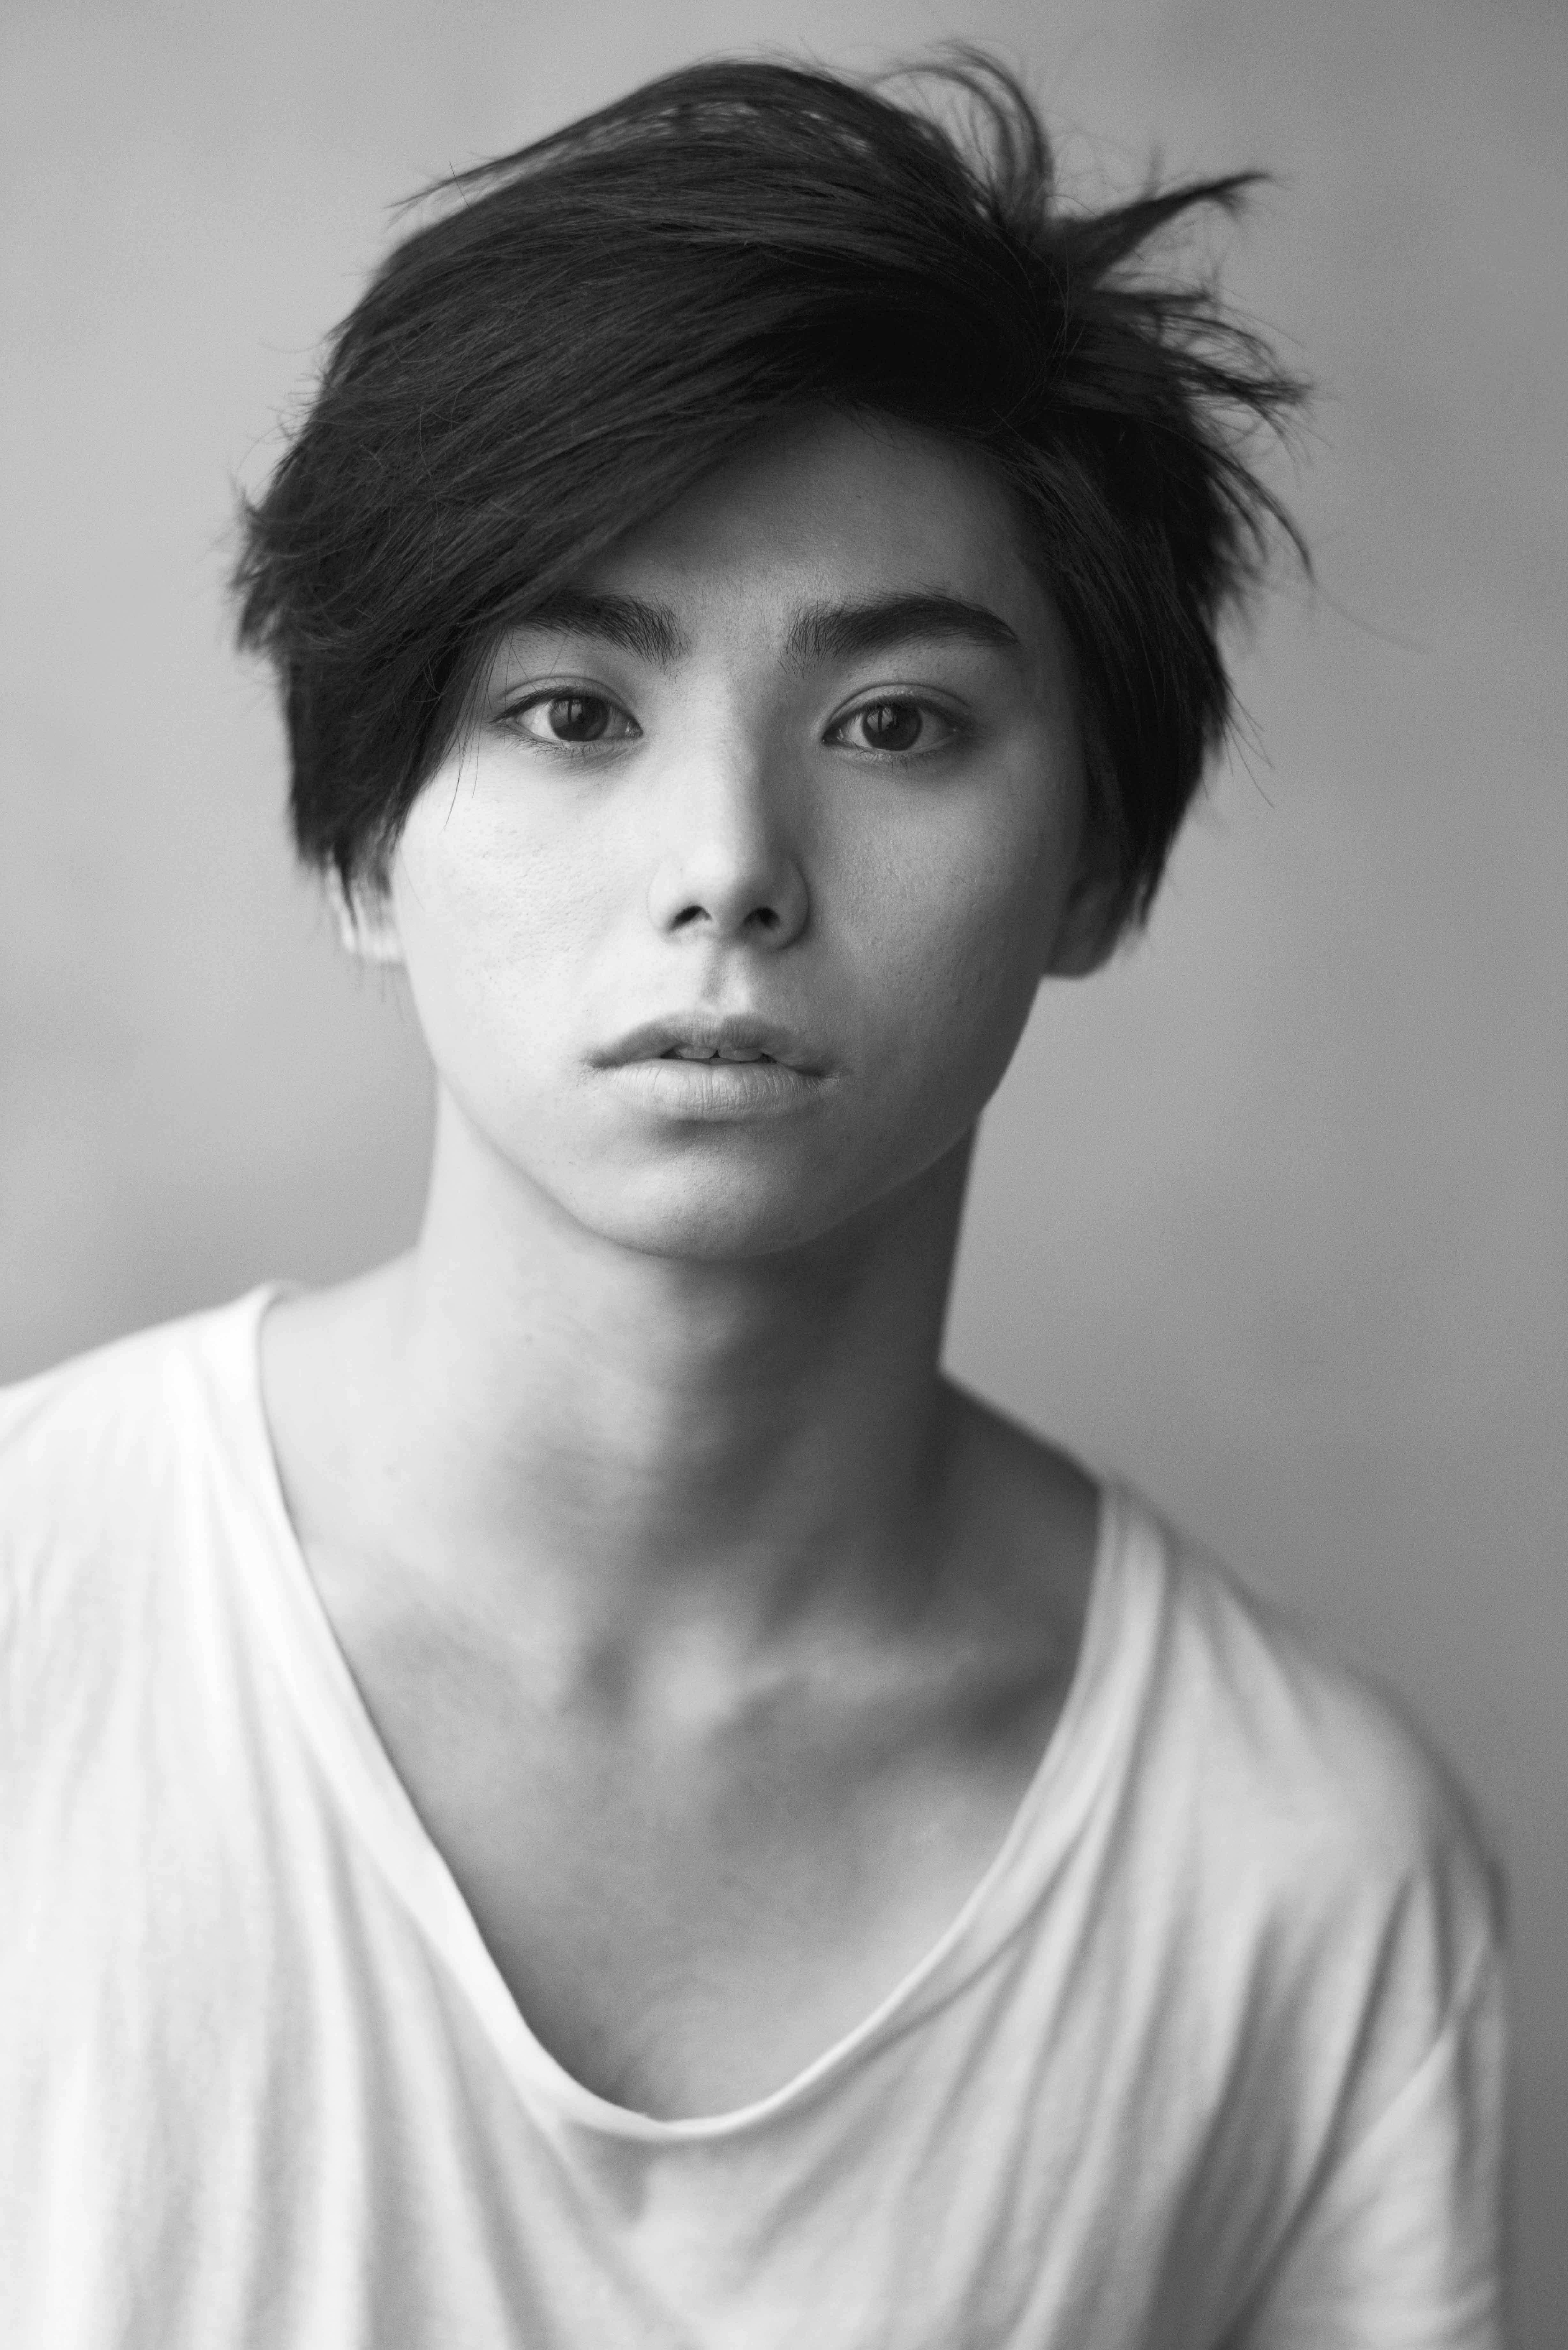 村上虹郎 - 舞台『密やかな結晶』